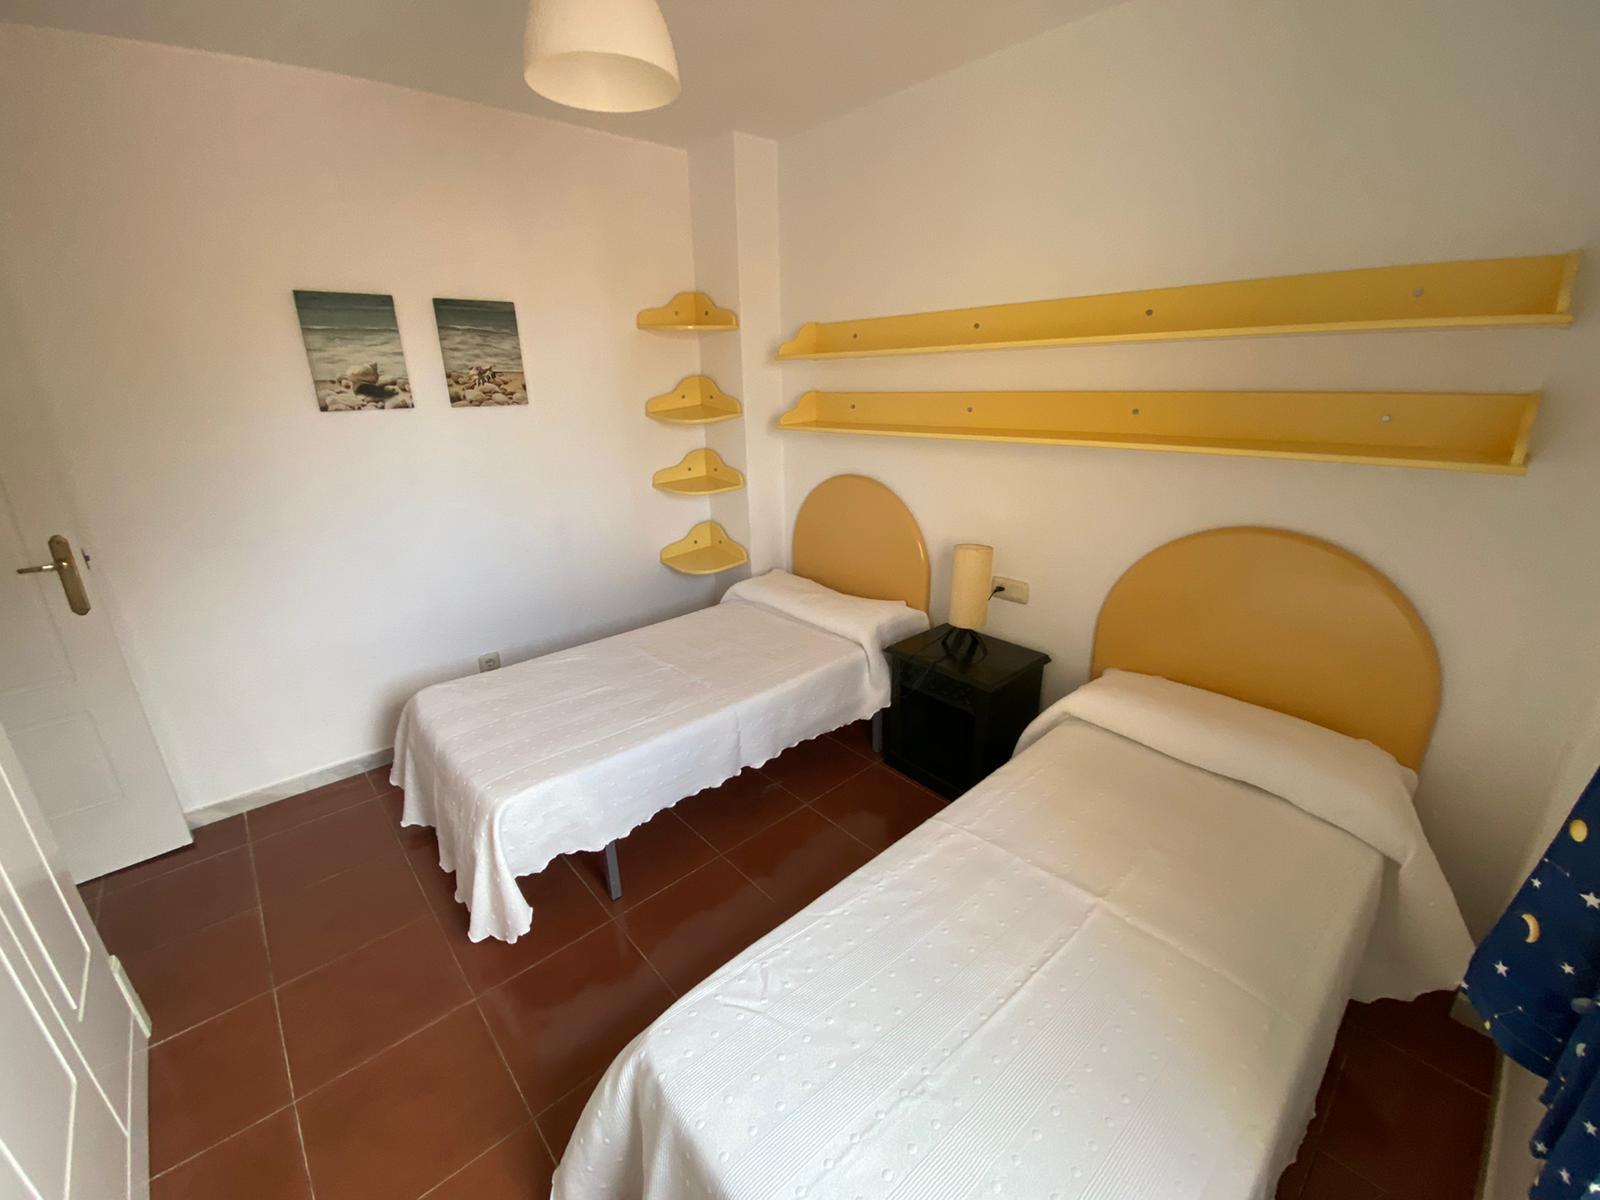 Imagen 21 del Vivienda Turística, Ático 93 (3d+2b), Isla Canela (HUELVA), Avda. de las Codornices nº 24 bloque 1-3